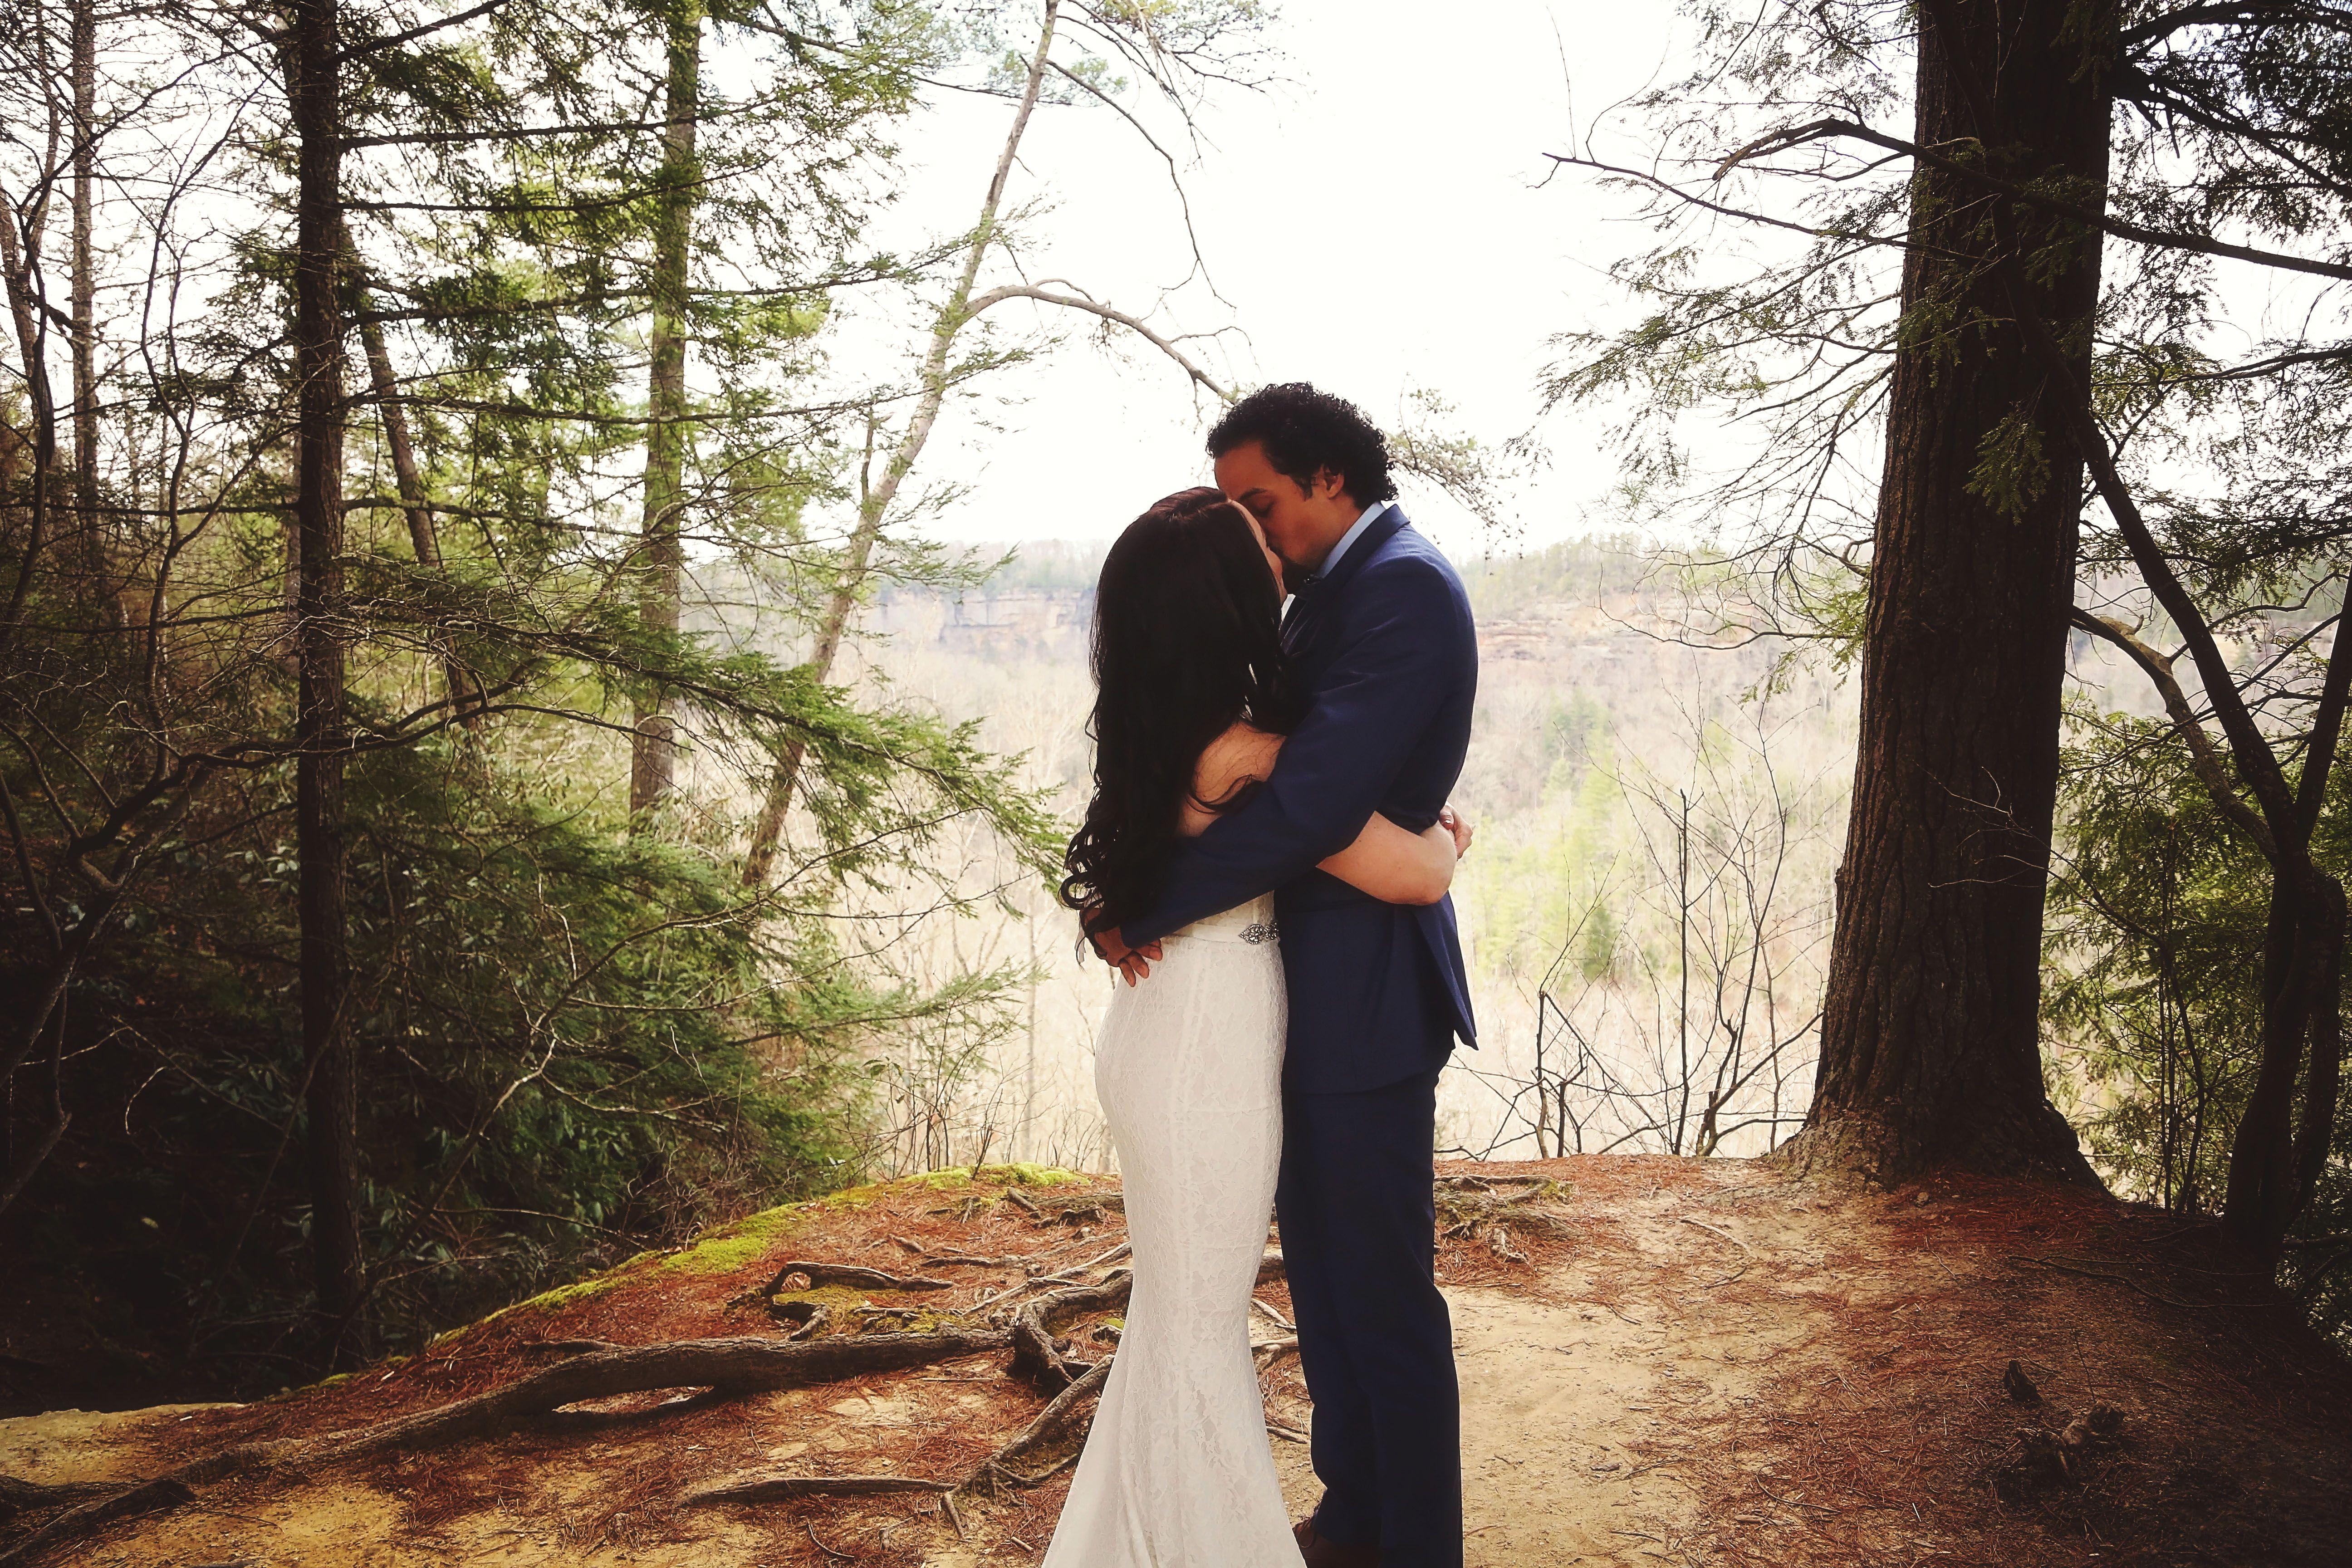 Kentucky Elopement And Destination Wedding Red River Gorge Wedding Red River Gorge Tiny Wedding Destination Wedding Announcements